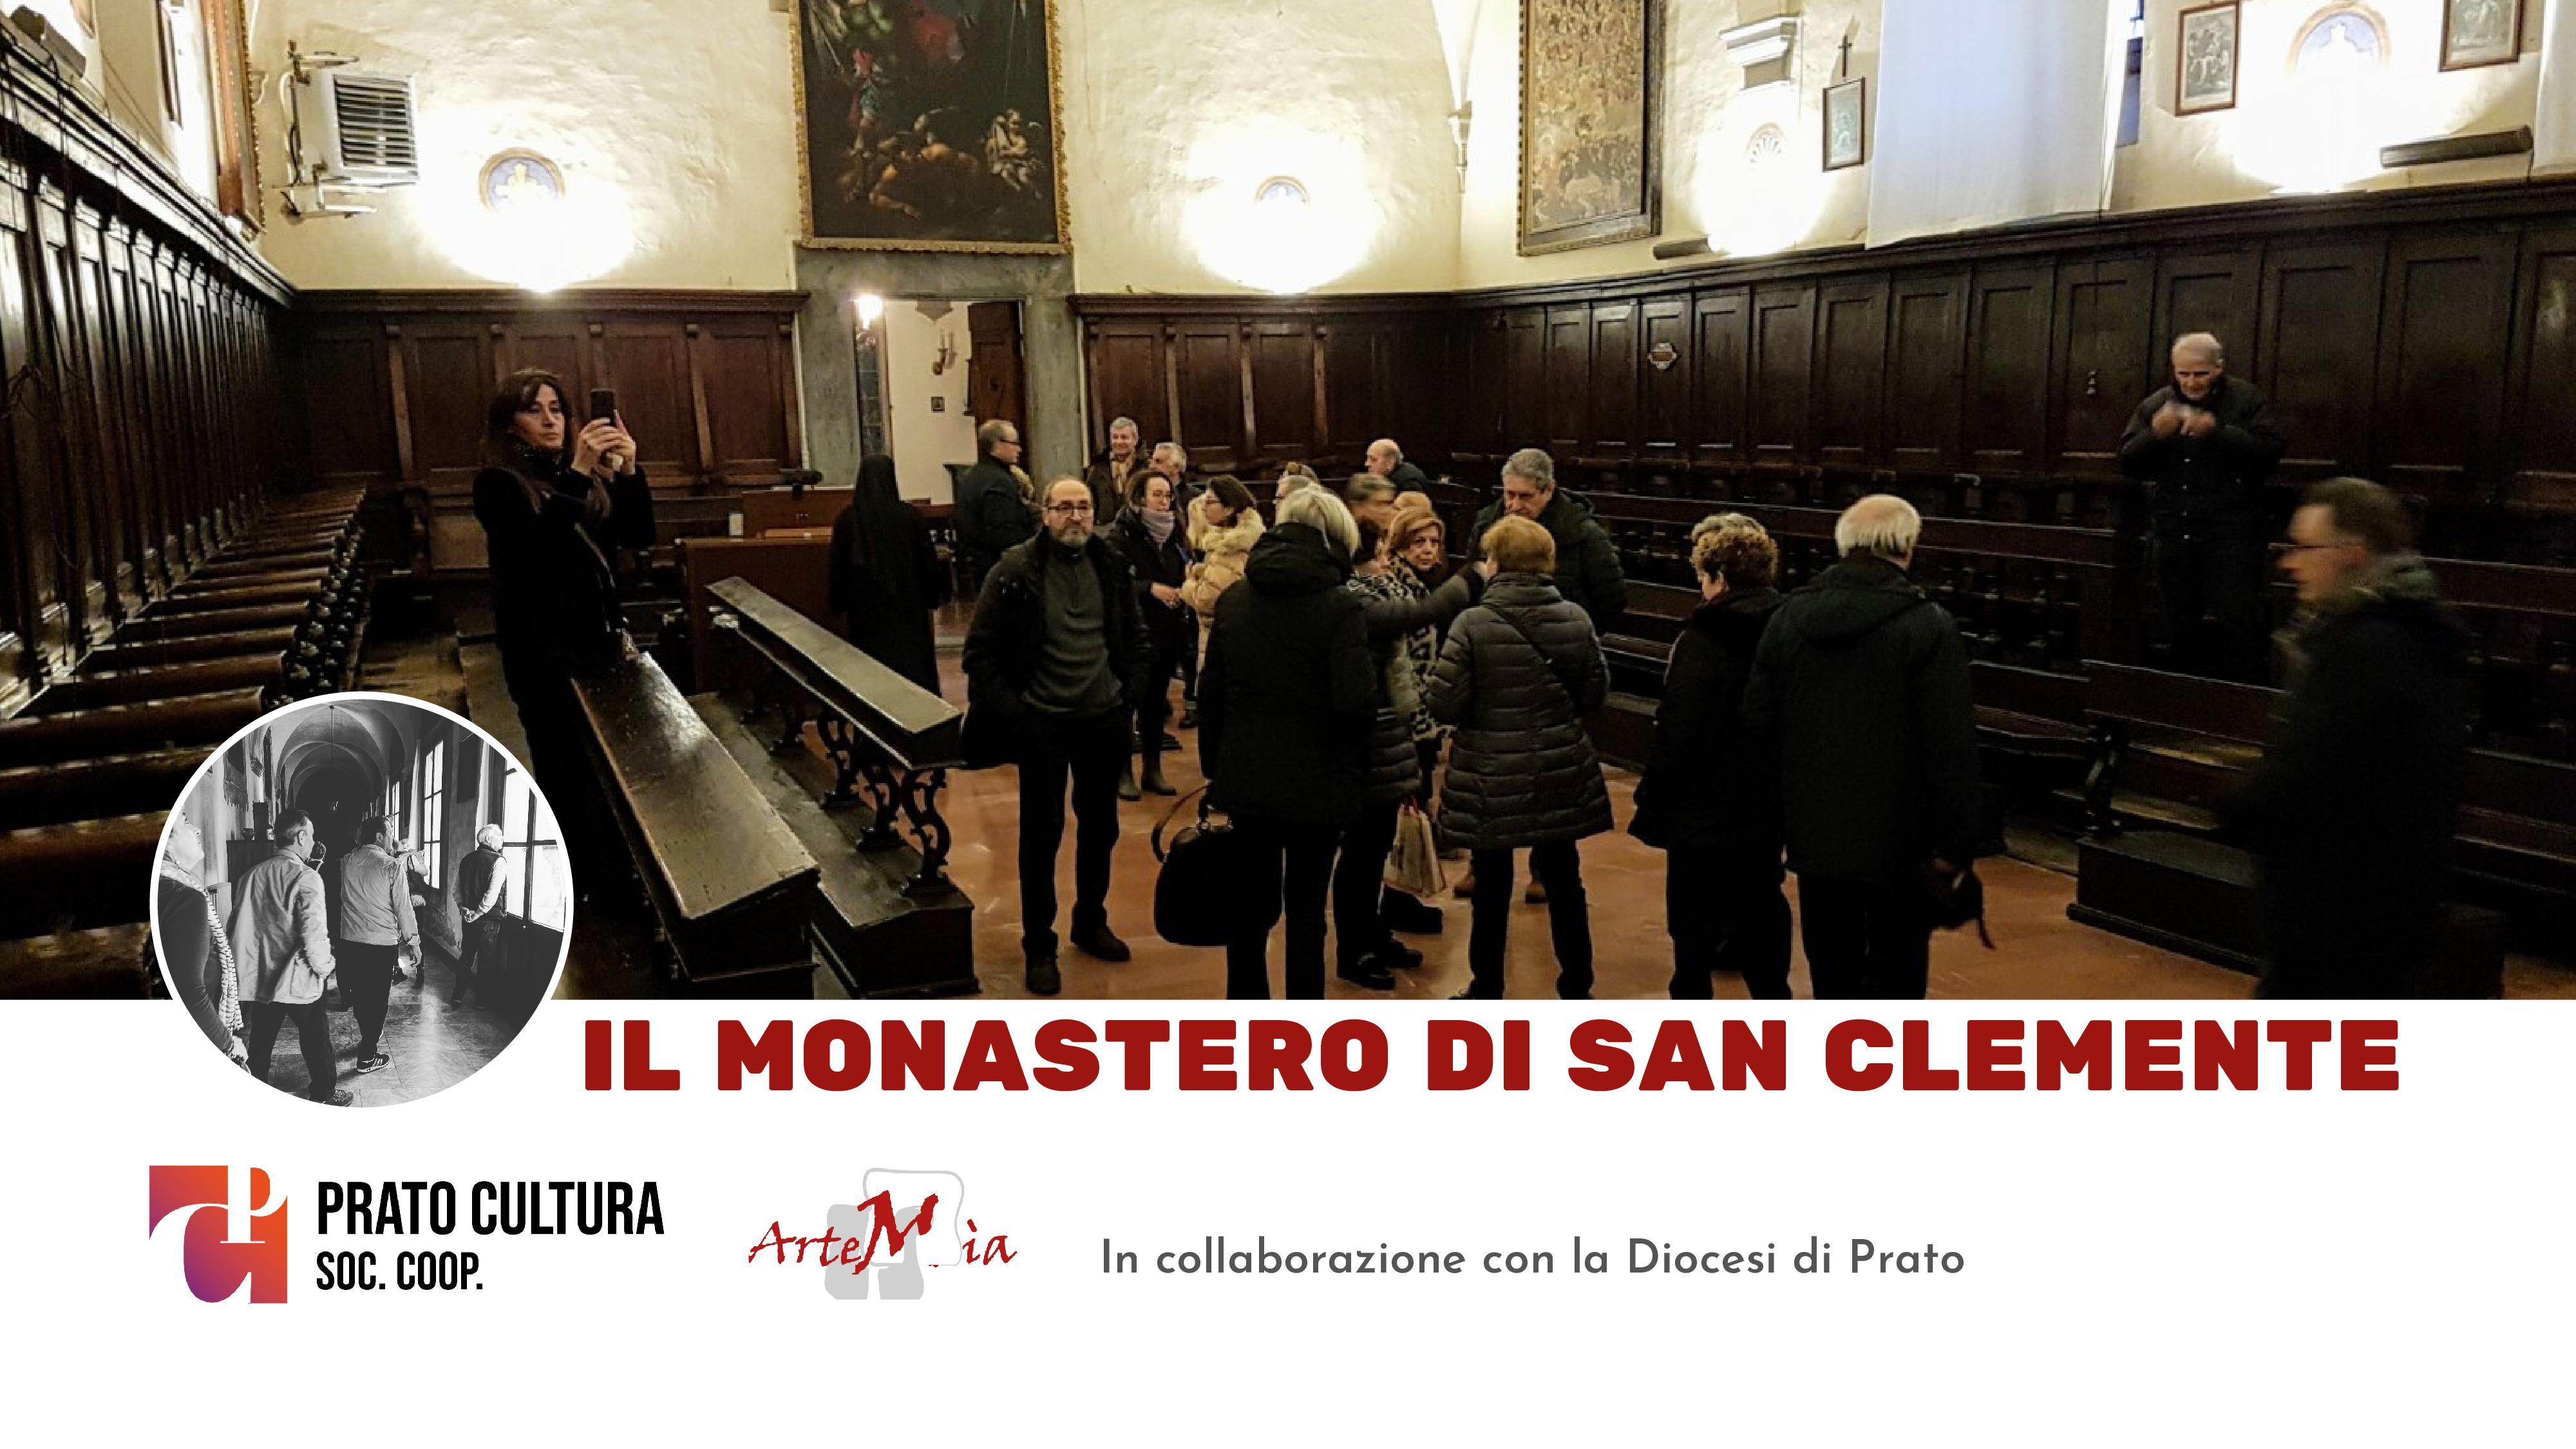 Visita: il Monastero di San Clemente di Prato